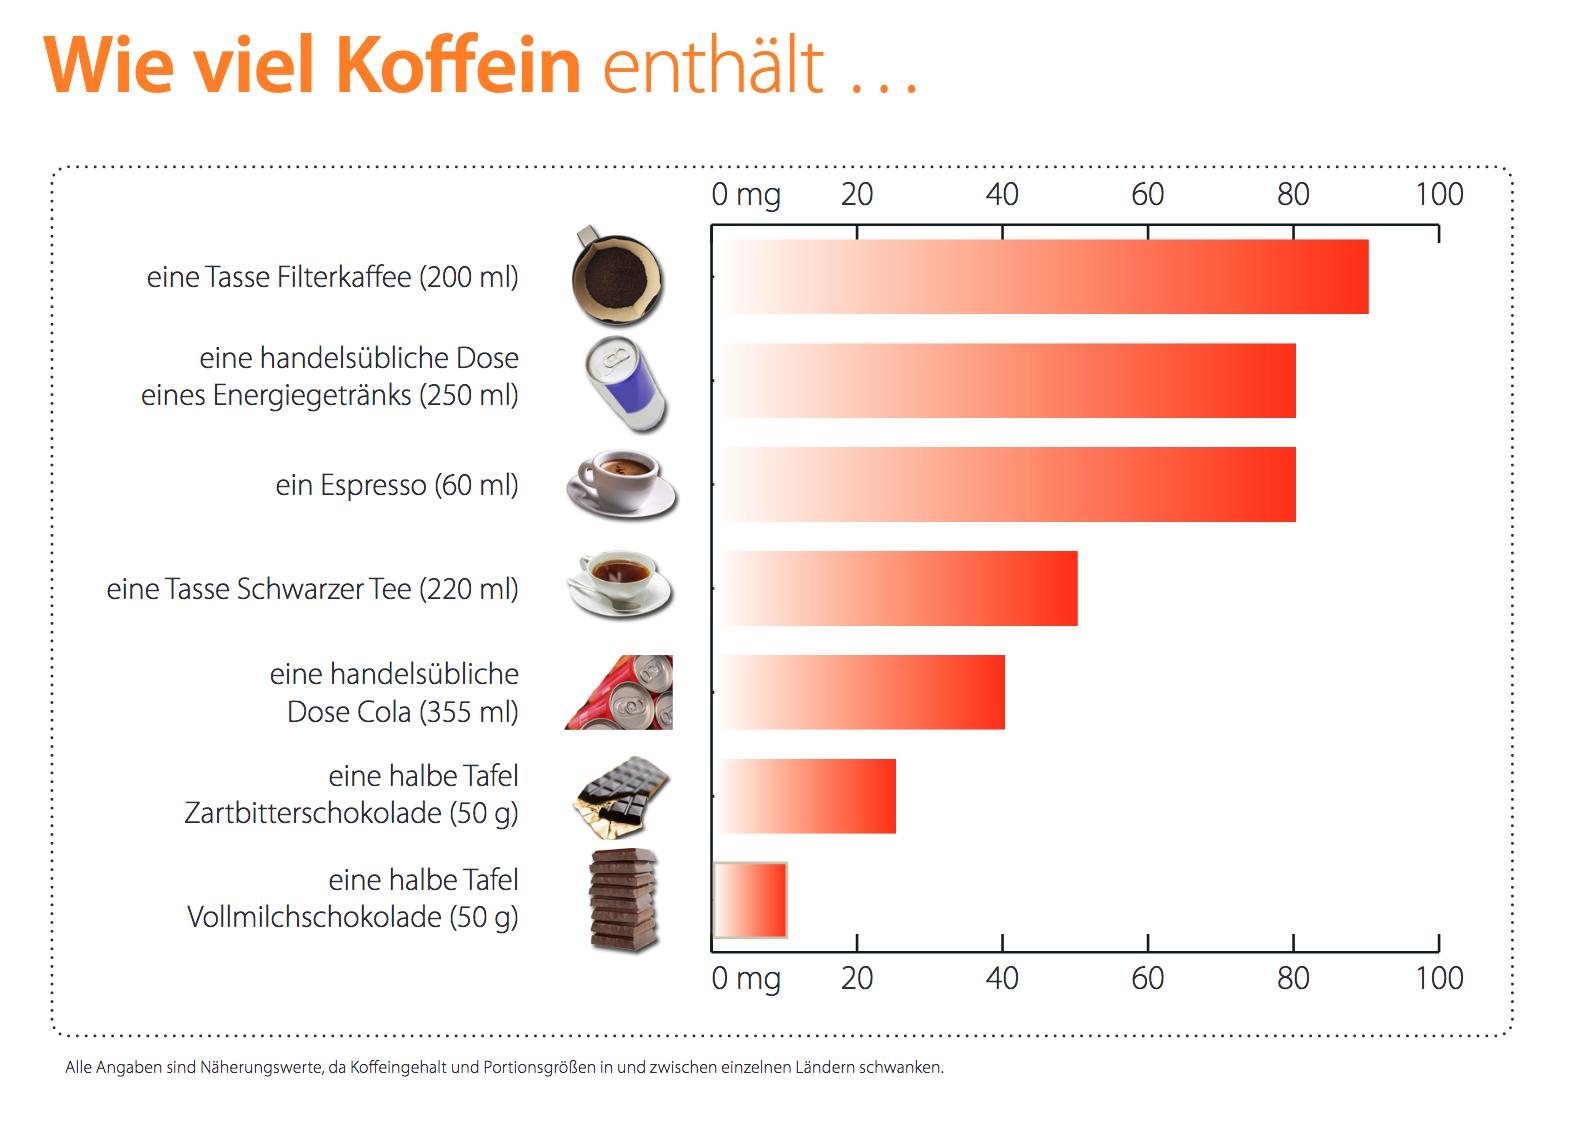 Koffeingehalt in Lebensmitteln